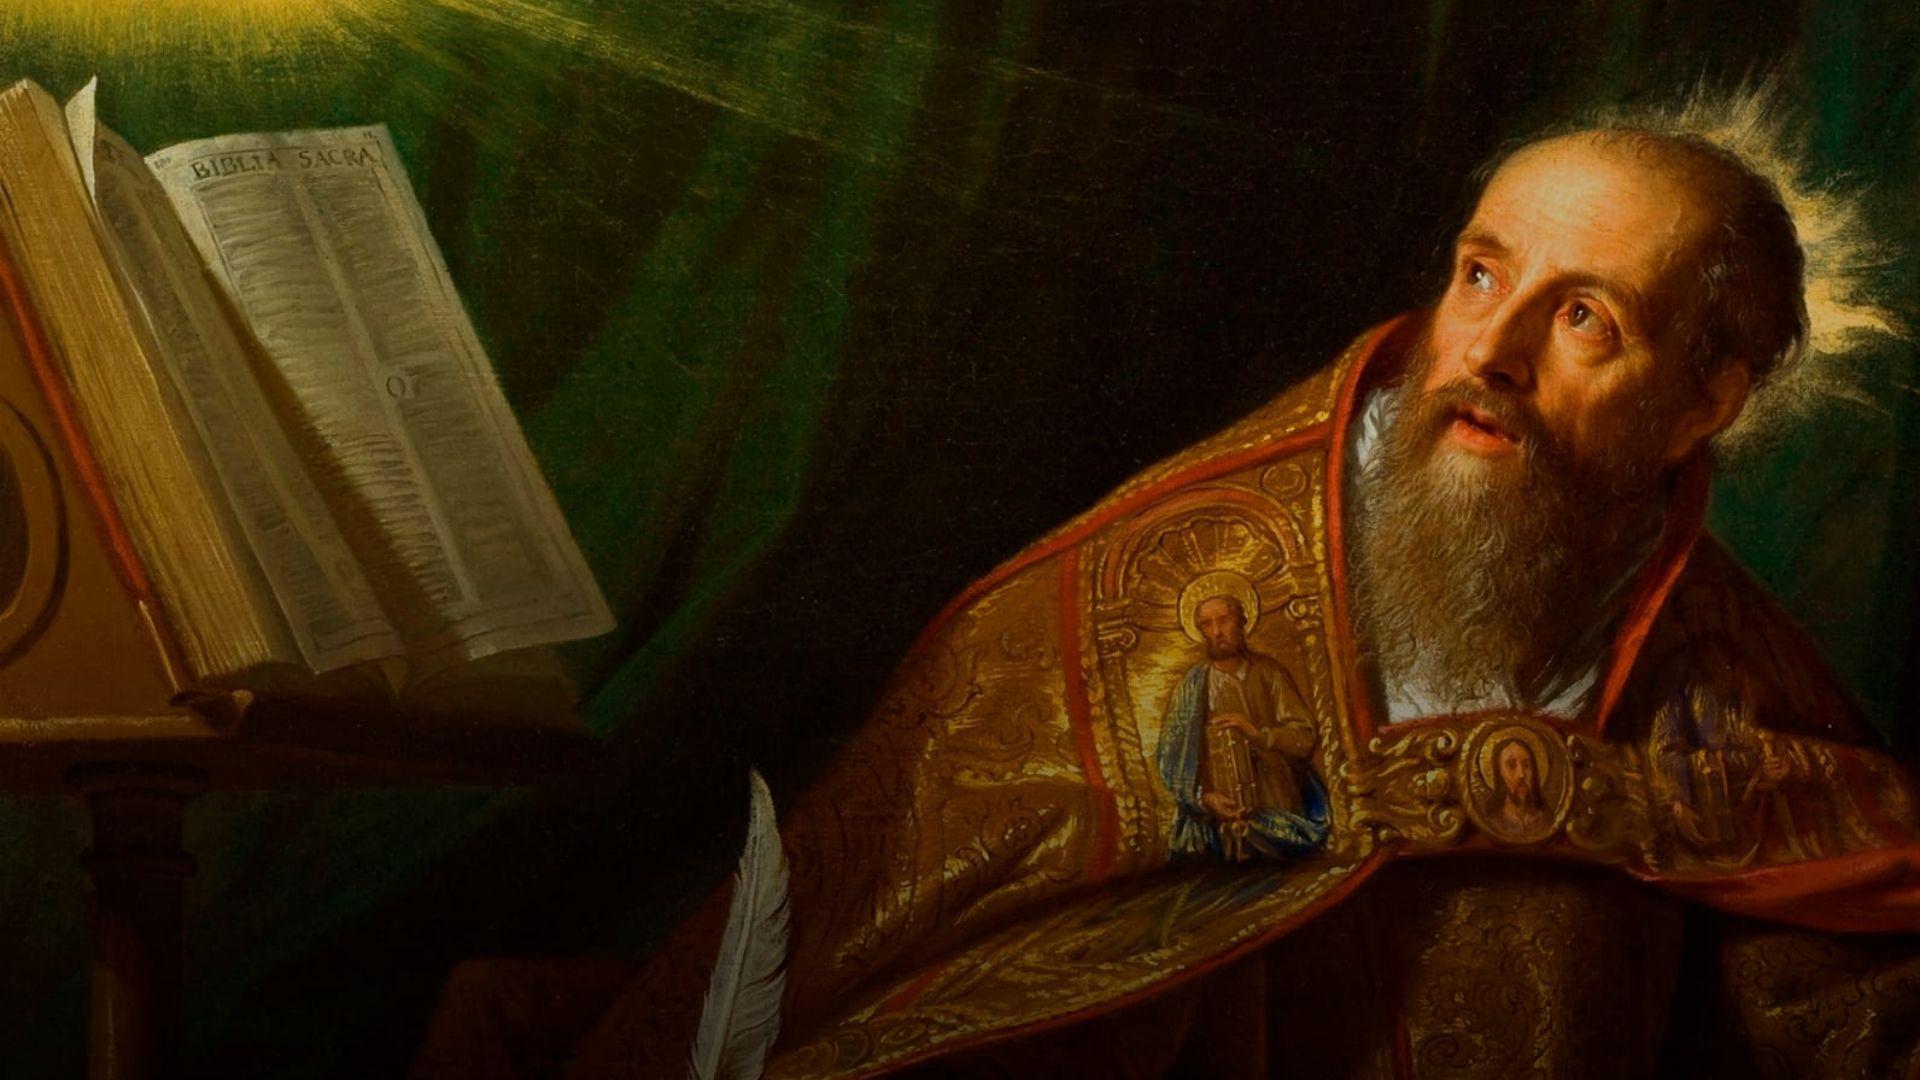 Artigo: Deus existe? Santo Agostinho responde! – Jason Medeiros